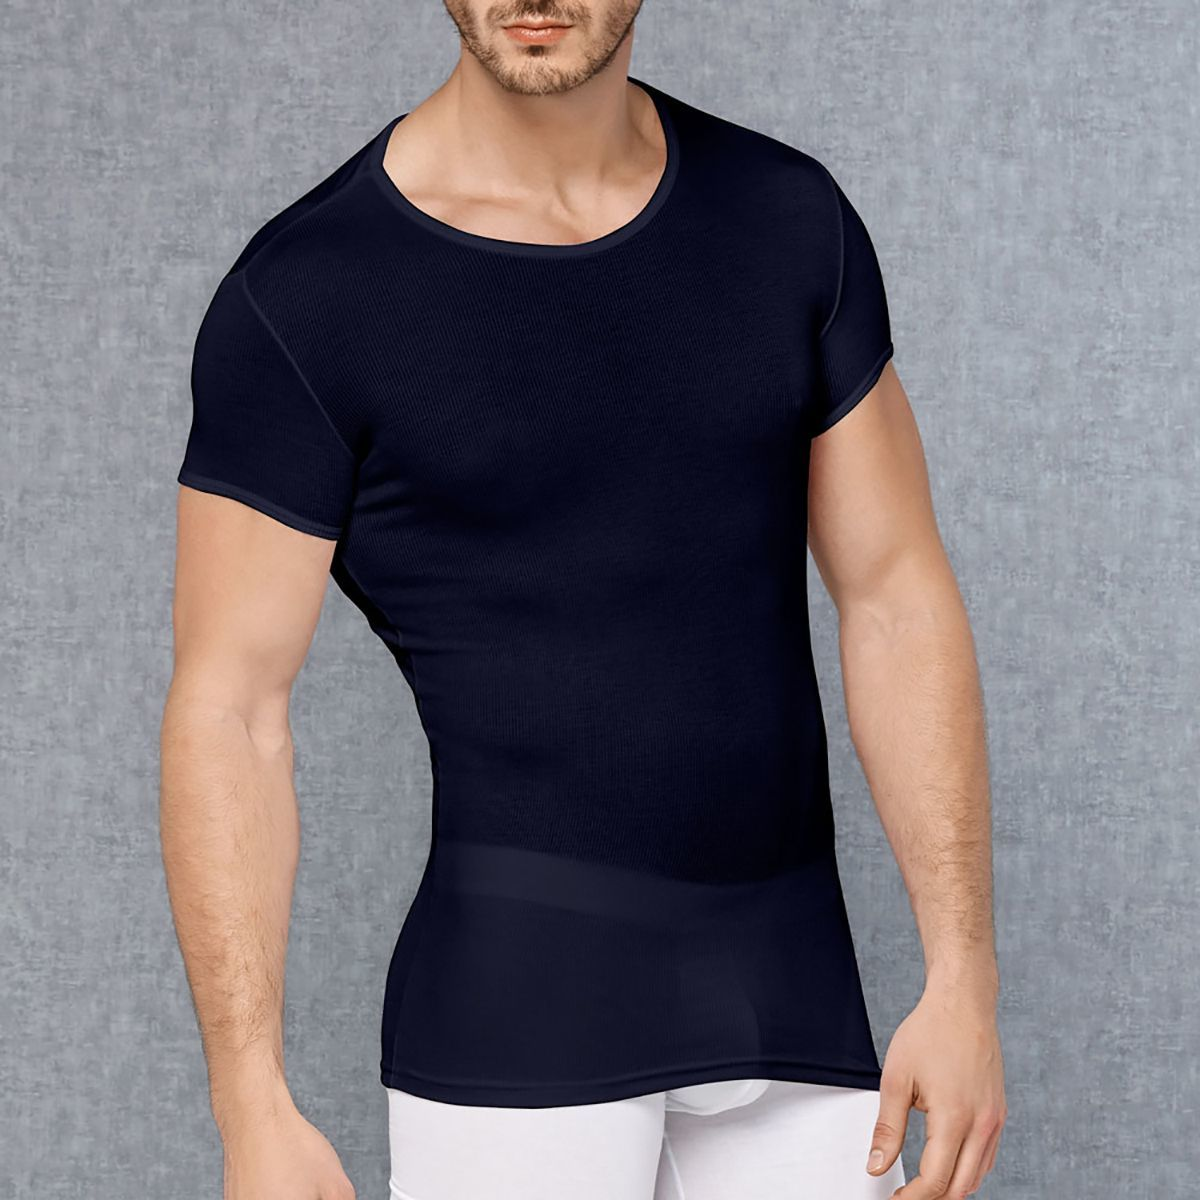 Мужское белье: Мужская обтягивающая футболка в мелкий рубчик